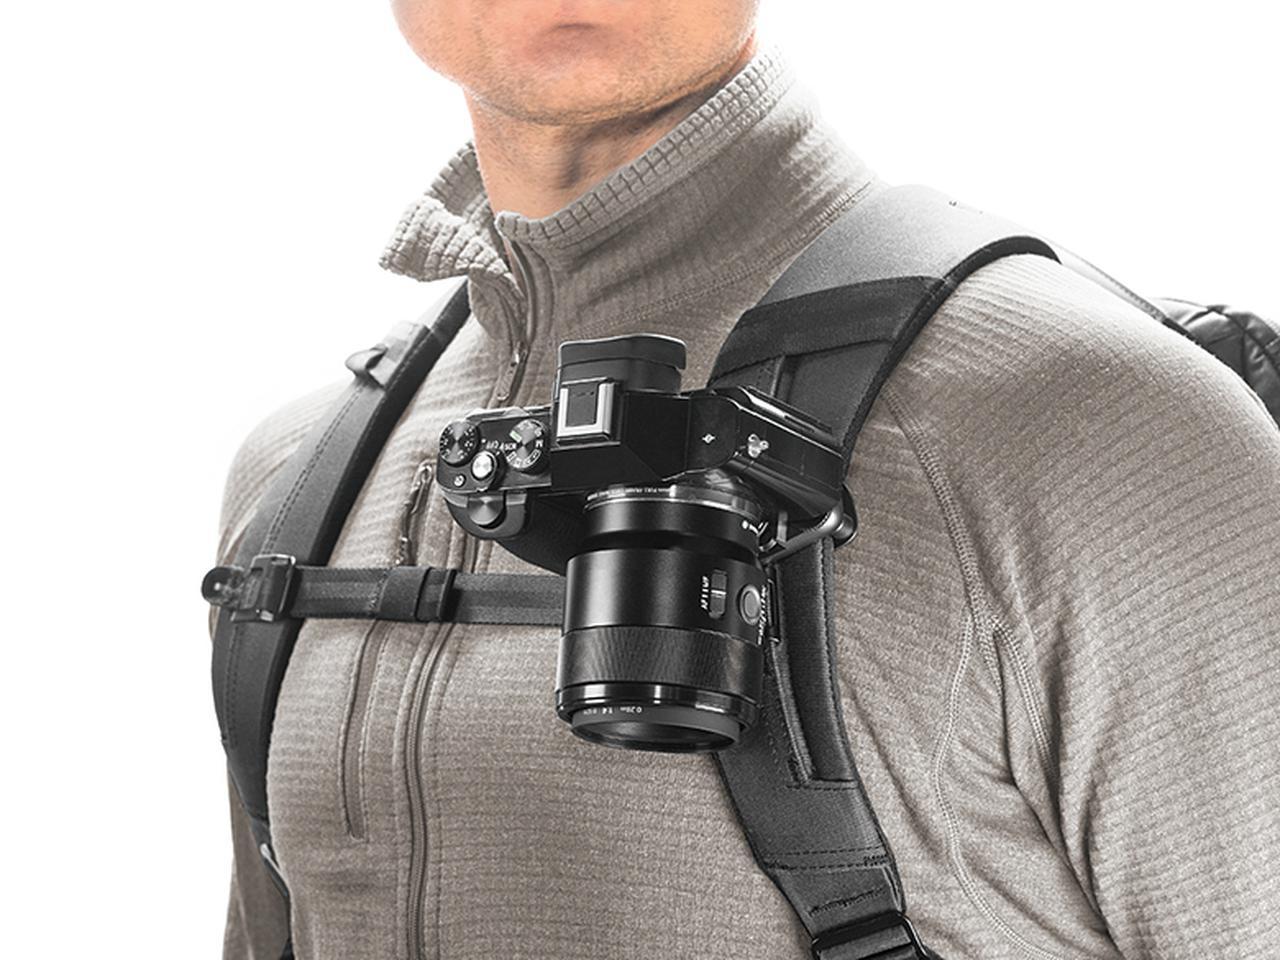 画像3: 【プロが選ぶ】カメラ用品・アクセサリーのおすすめ19選!撮影時や収納に役立つアイテムはコレ